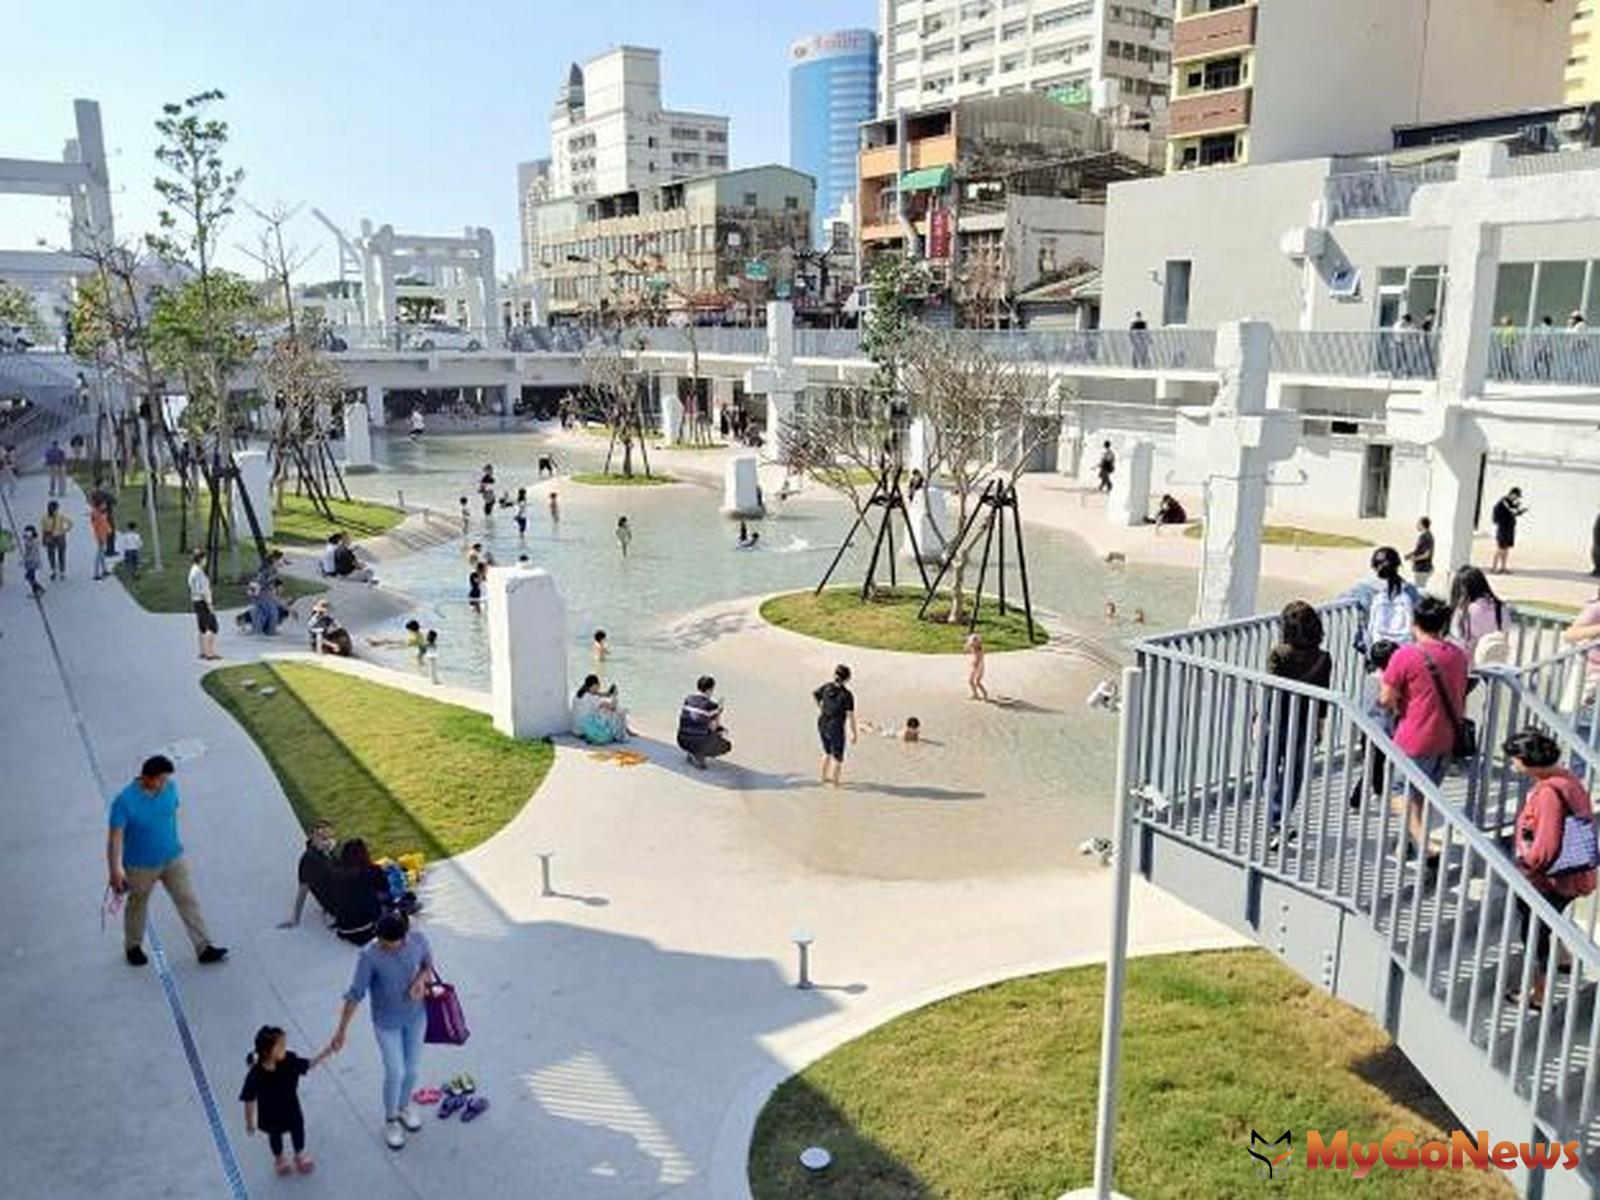 台南「河樂廣場」再度躍登國際媒體英國《衛報》 入選全球五大最佳建築(圖/台南市政府) MyGoNews房地產新聞 區域情報